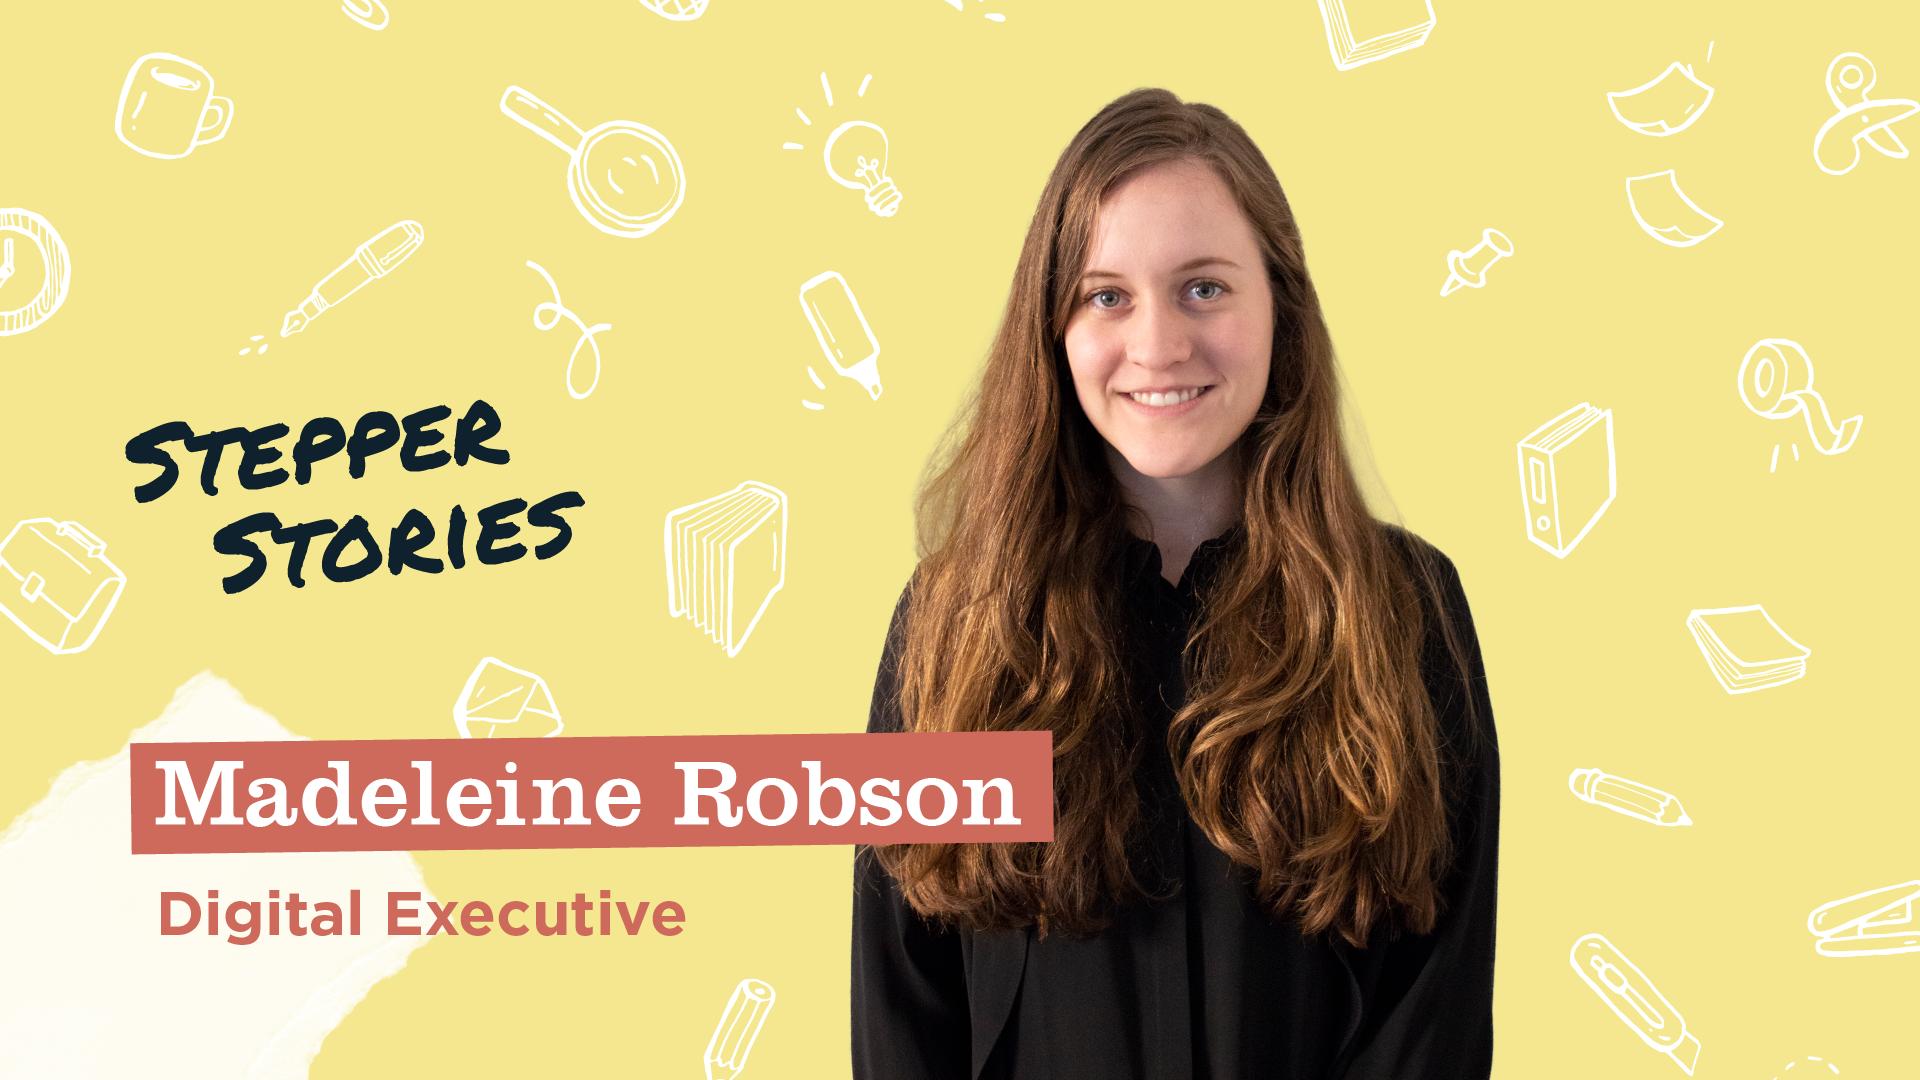 Meet Madeleine Robson, Our Bright-Eyed Wordsmith